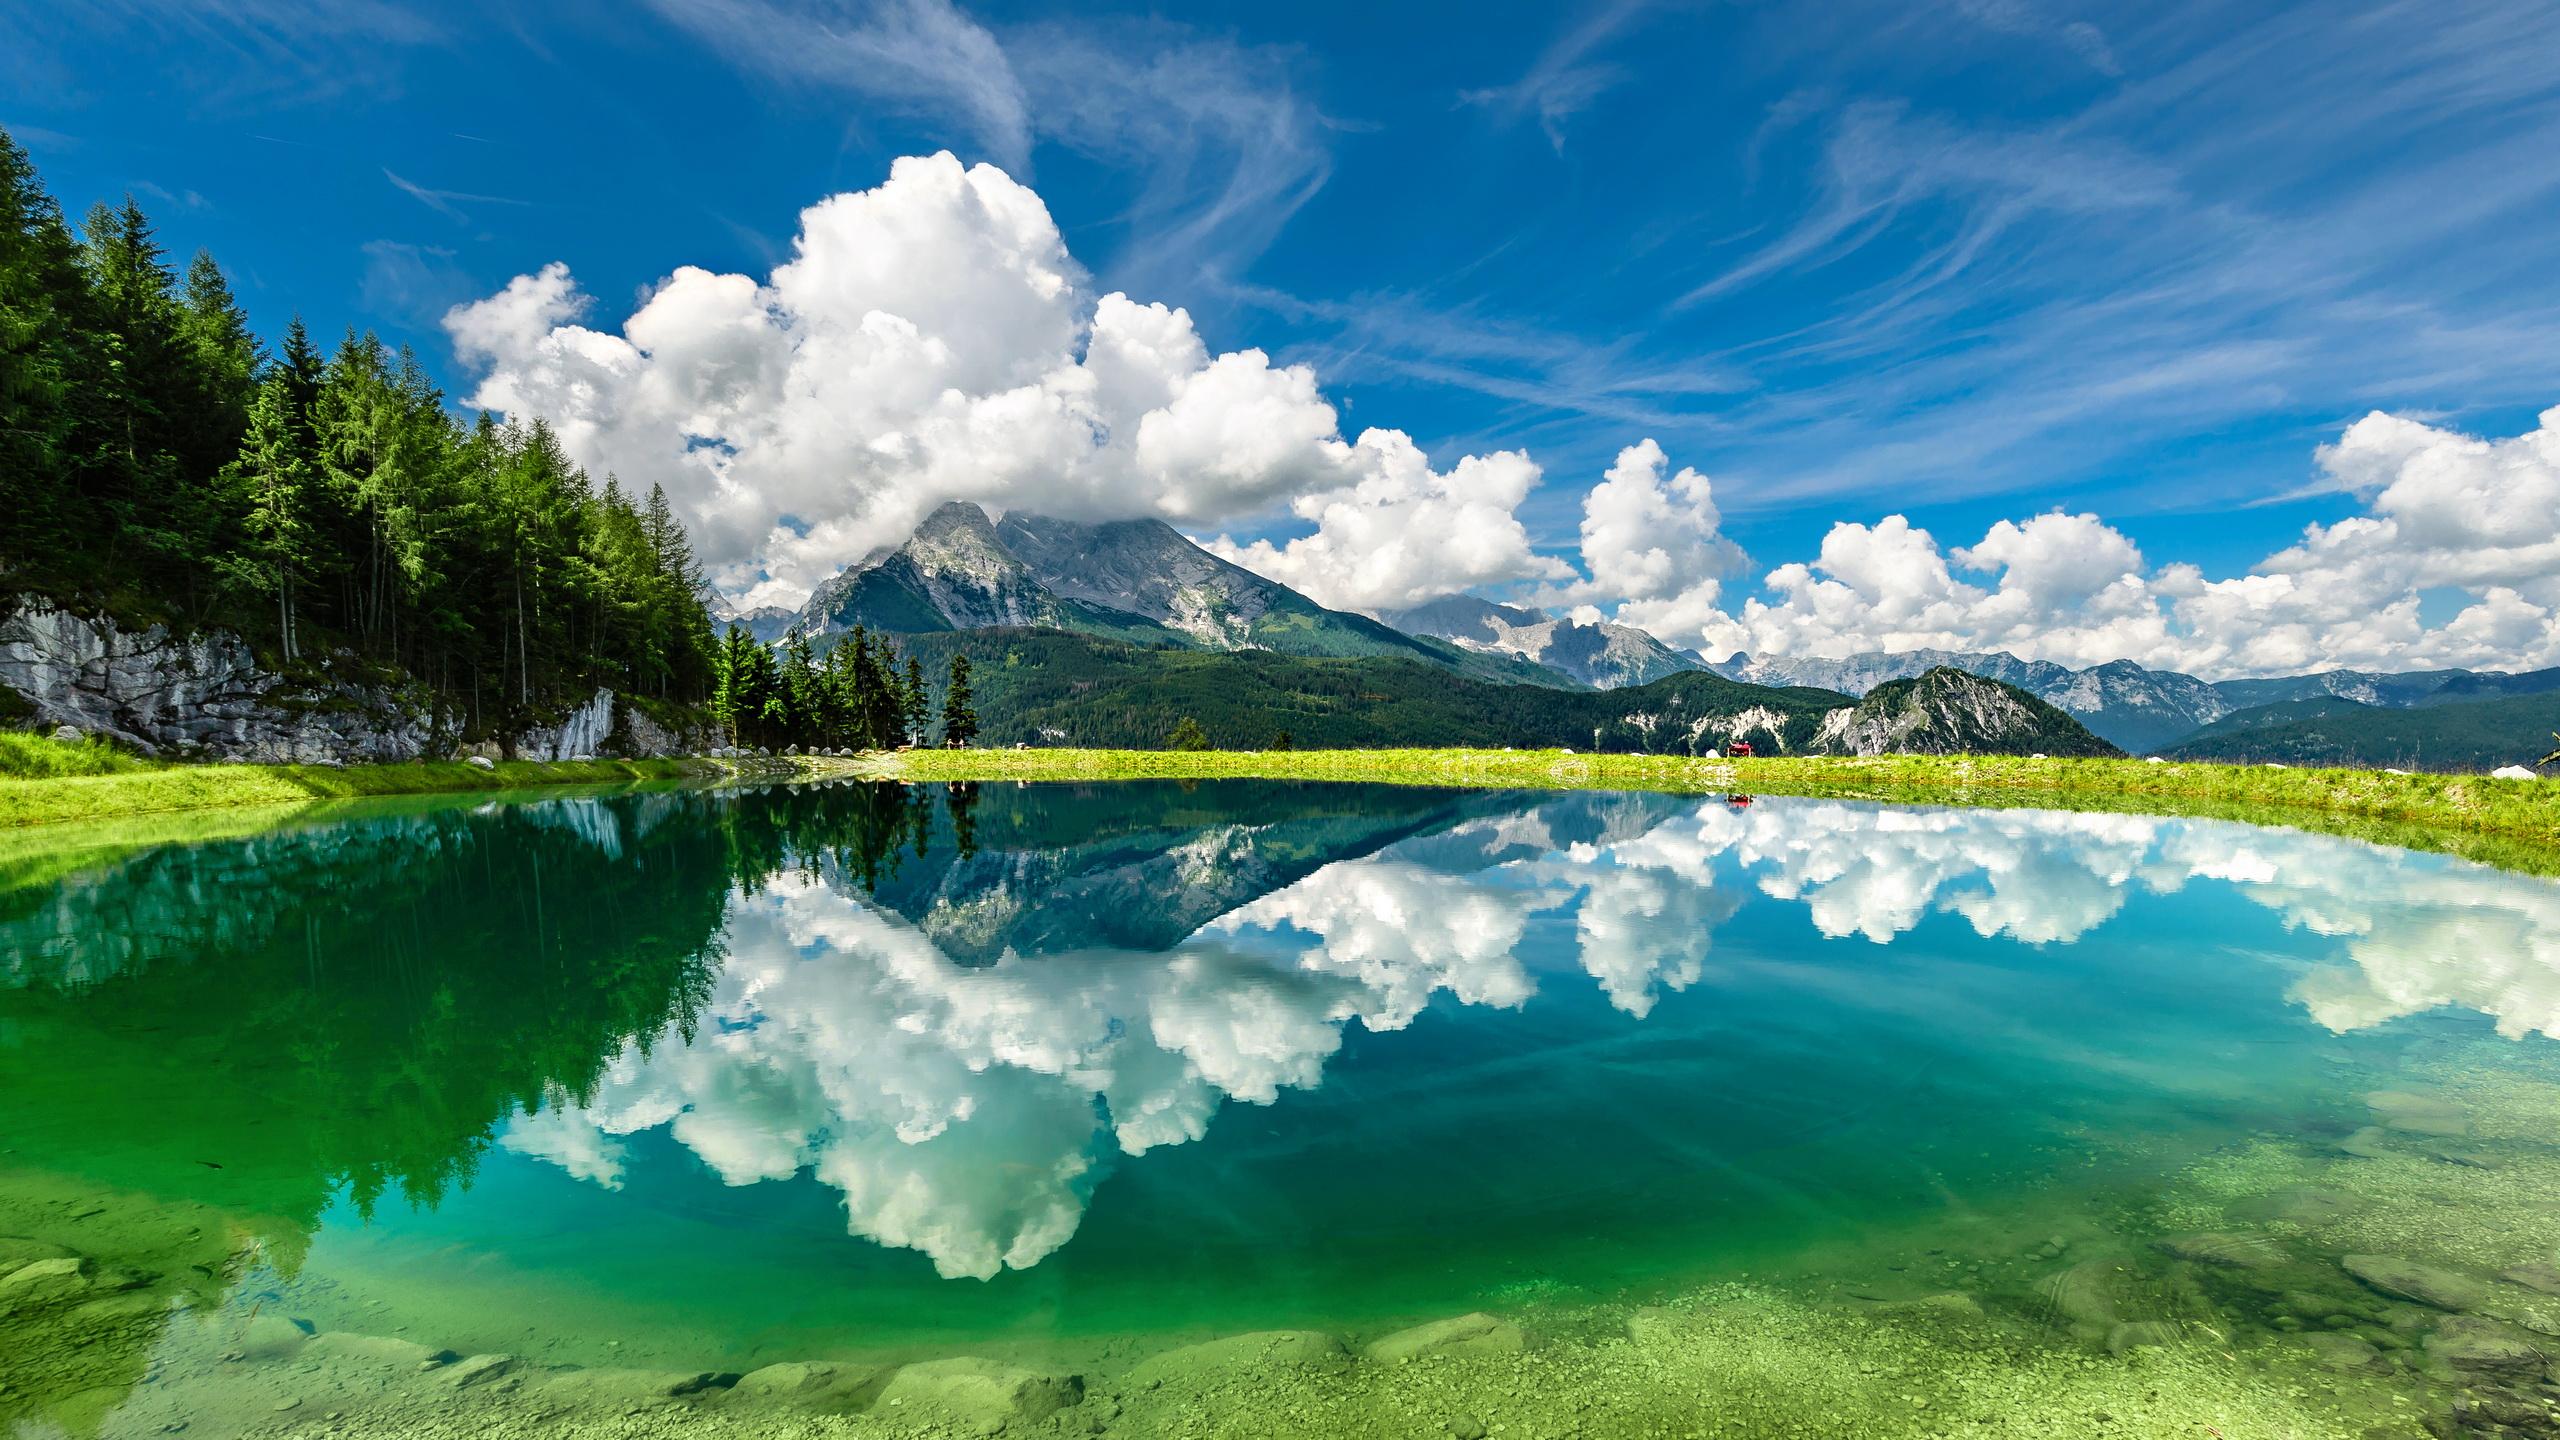 природа река горы небо облака отражение  № 2503199 загрузить